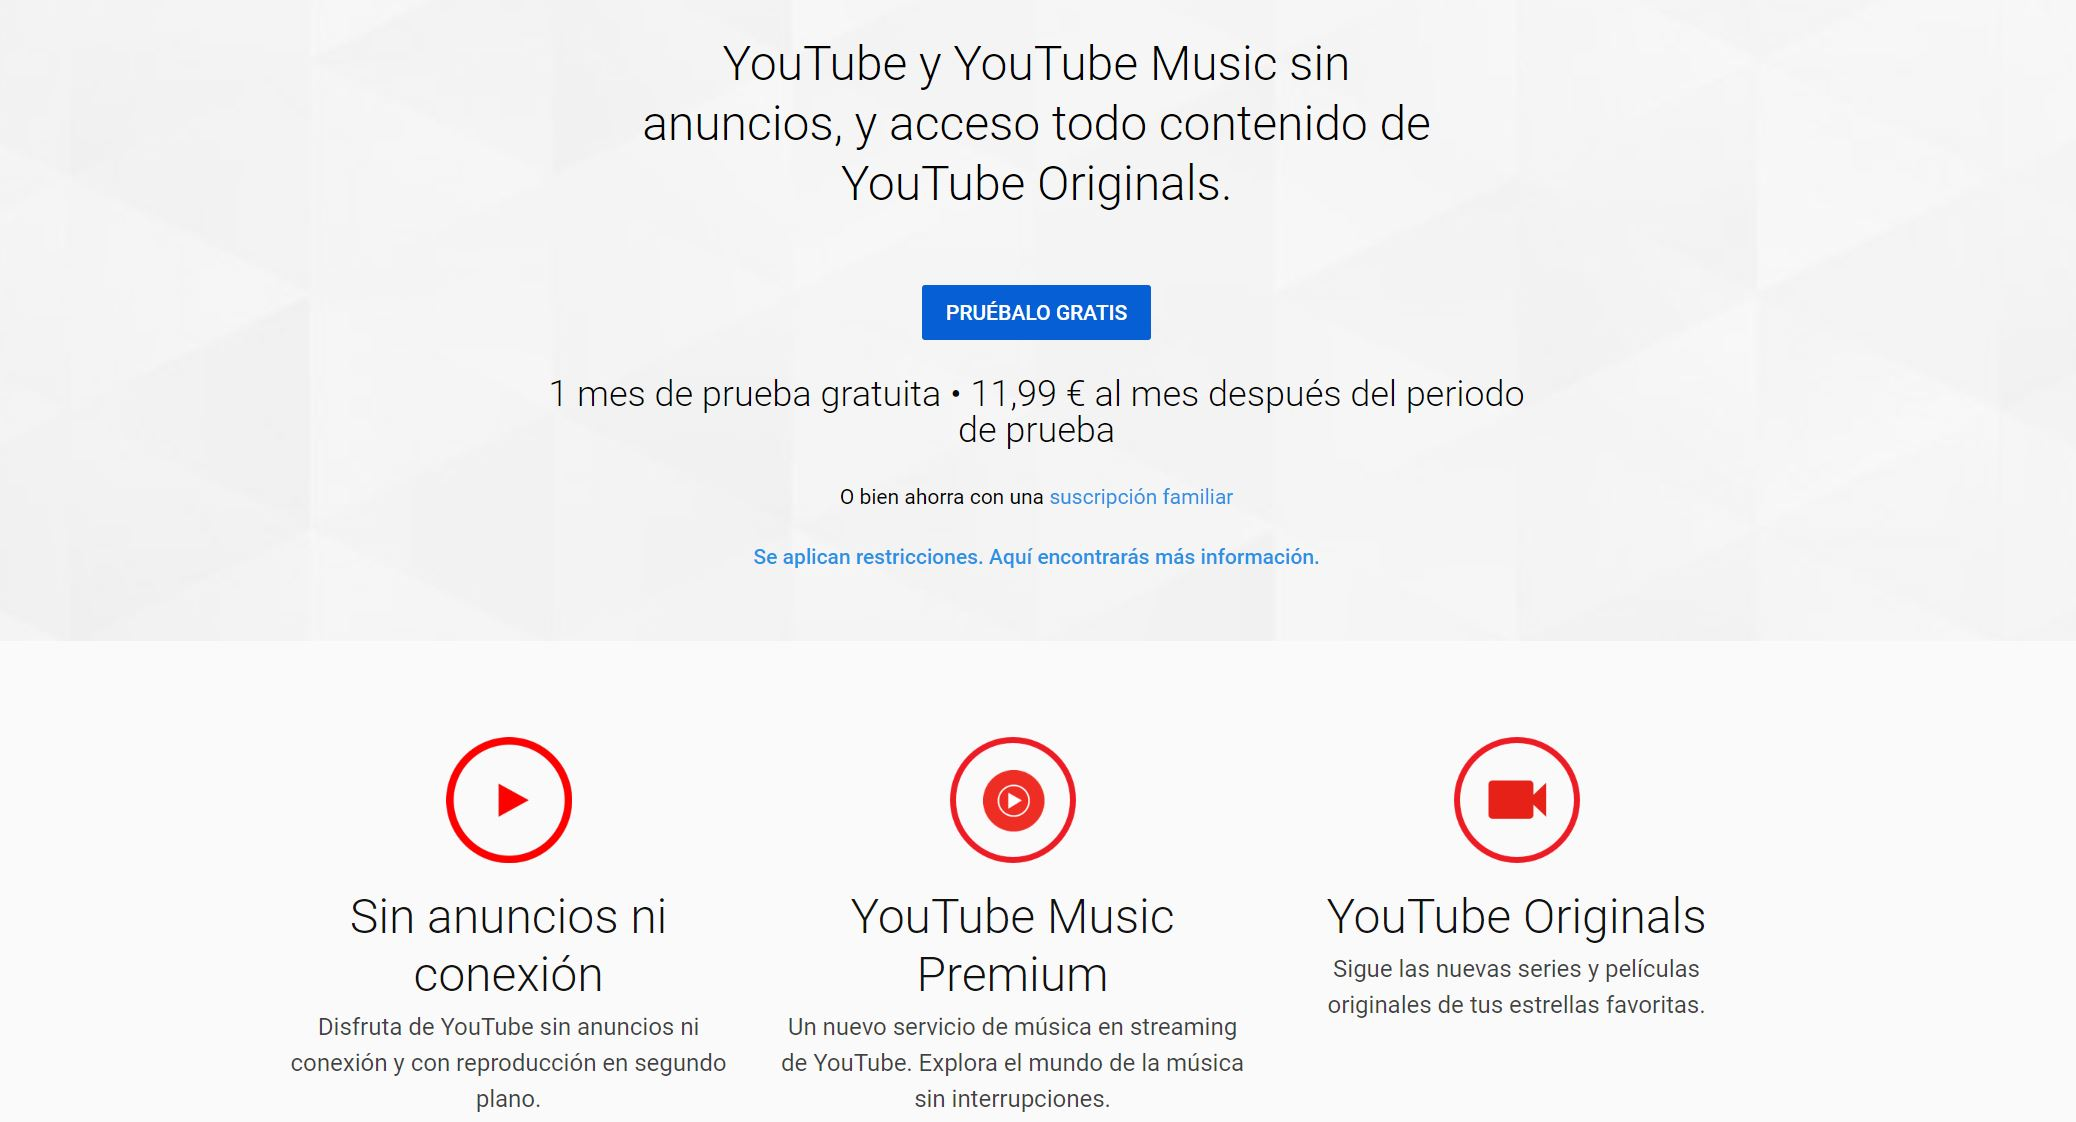 YouTube ofrecerá todo su contenido gratis, pero con anuncios 39